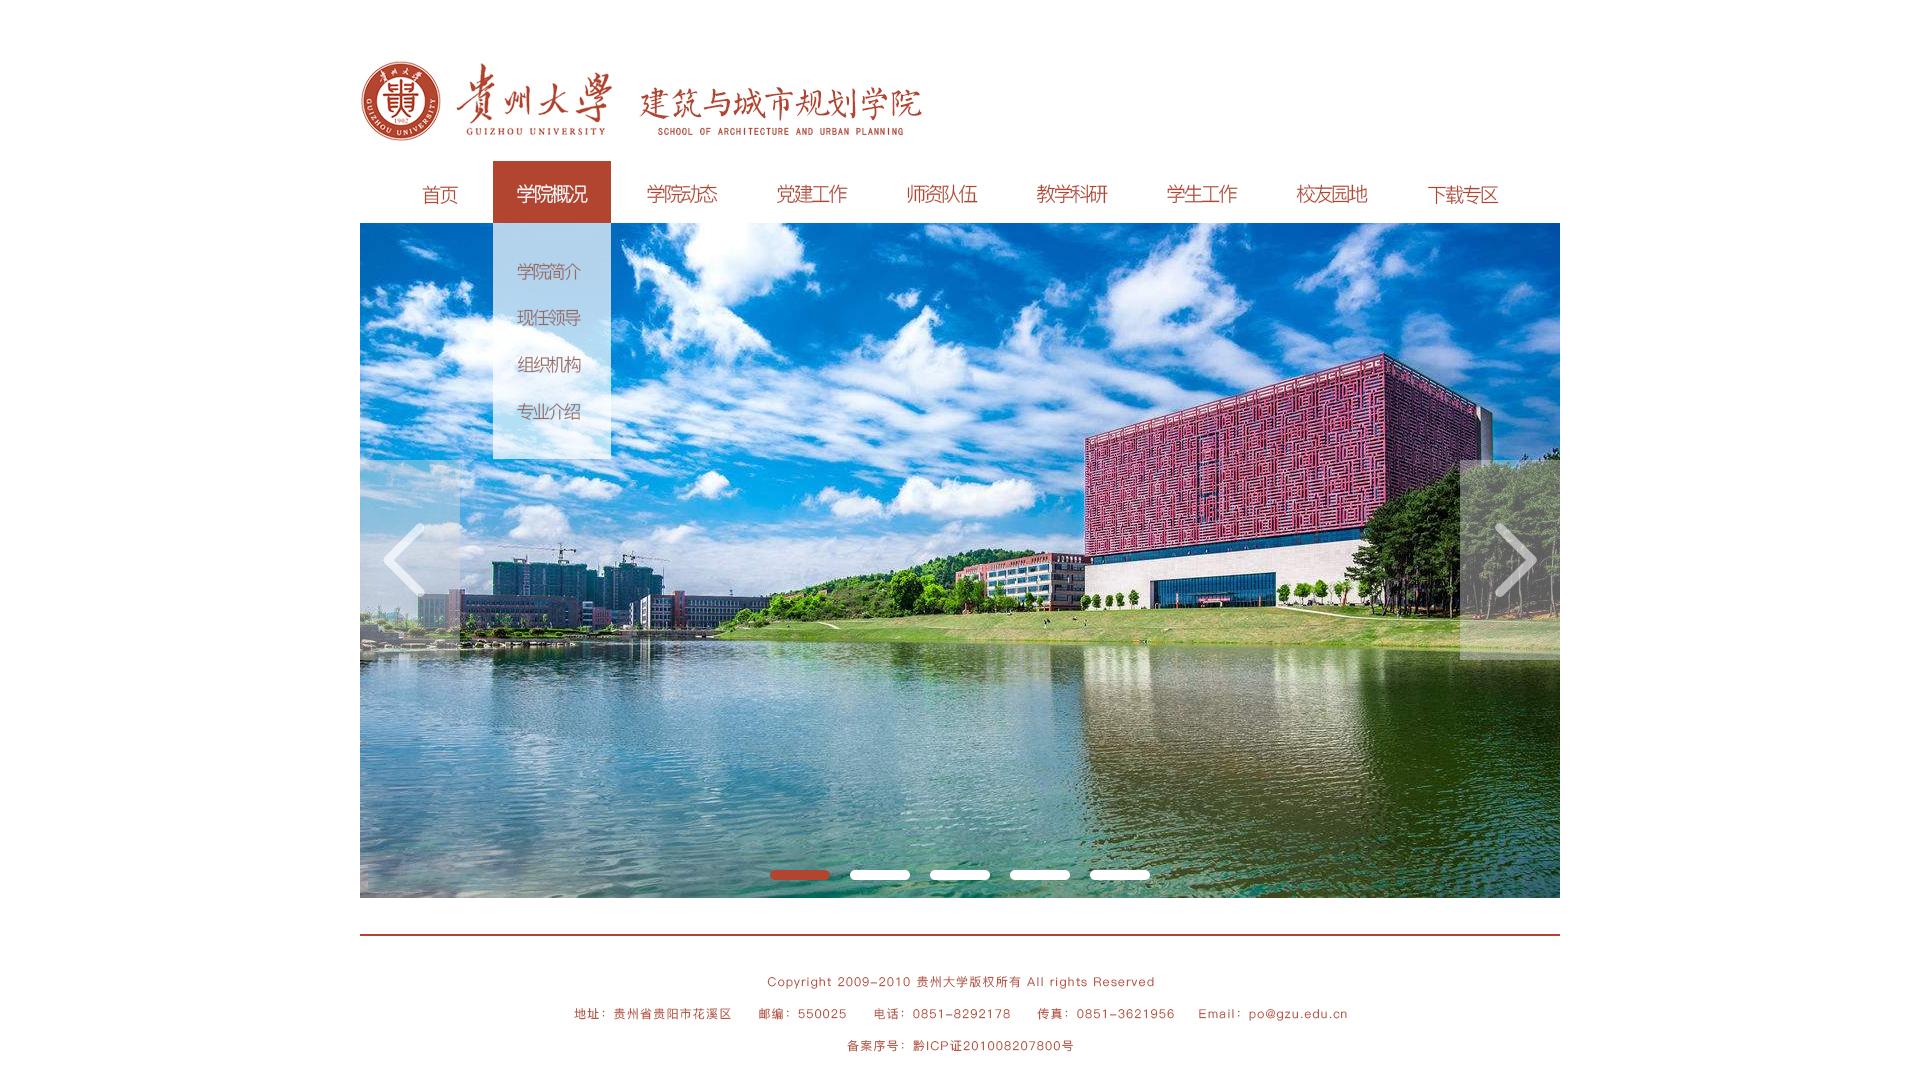 貴州大學建筑與城市規劃學院官網